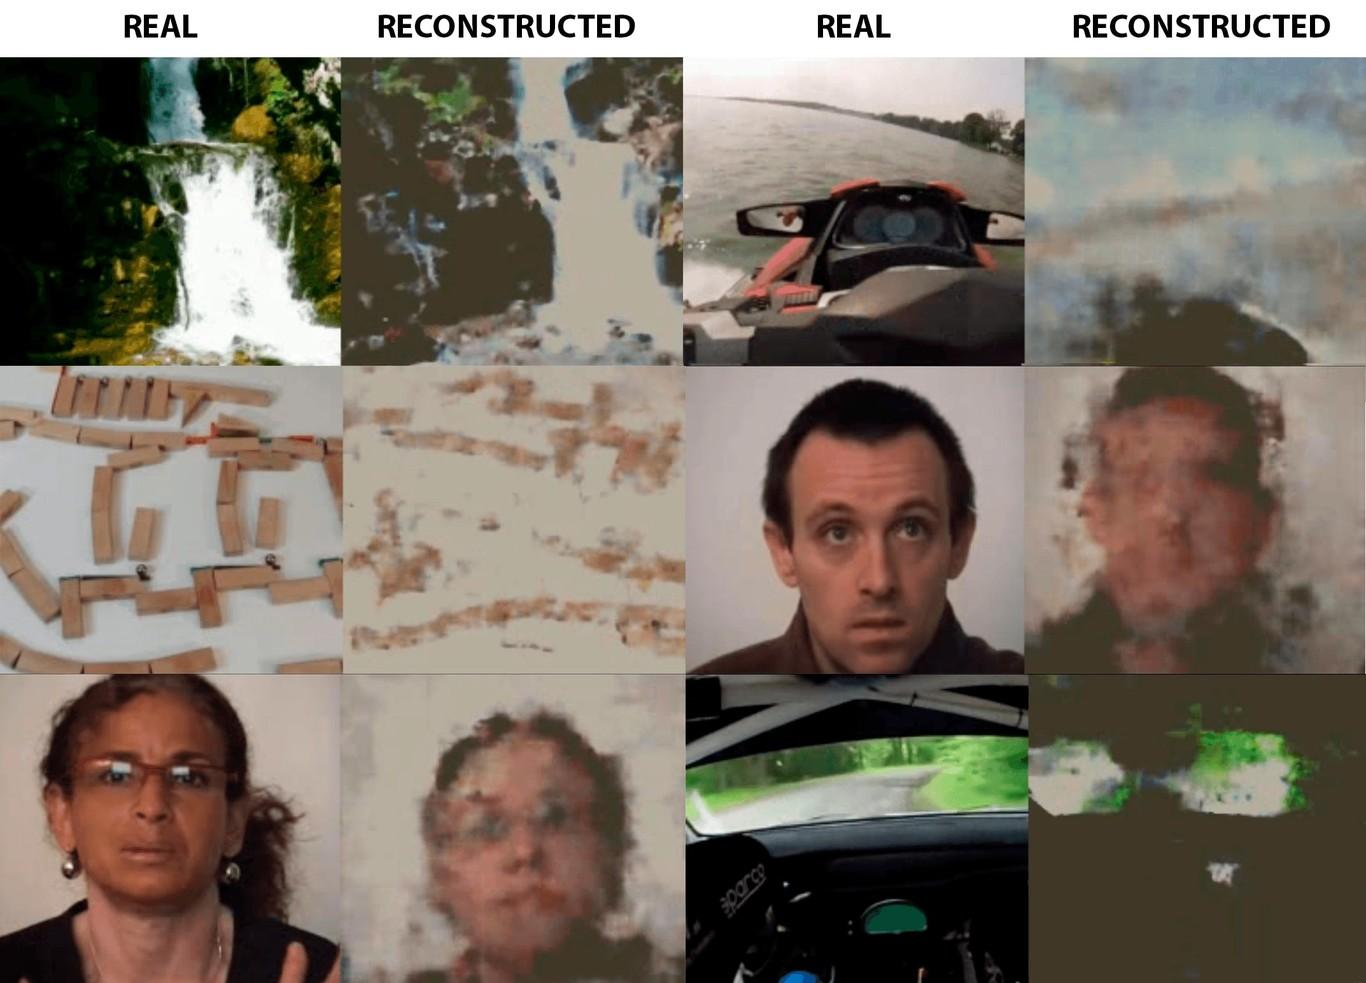 Esta inteligencia artificial es capaz de mostrarte en qué estás pensando: sólo necesita analizar tus ondas cerebrales